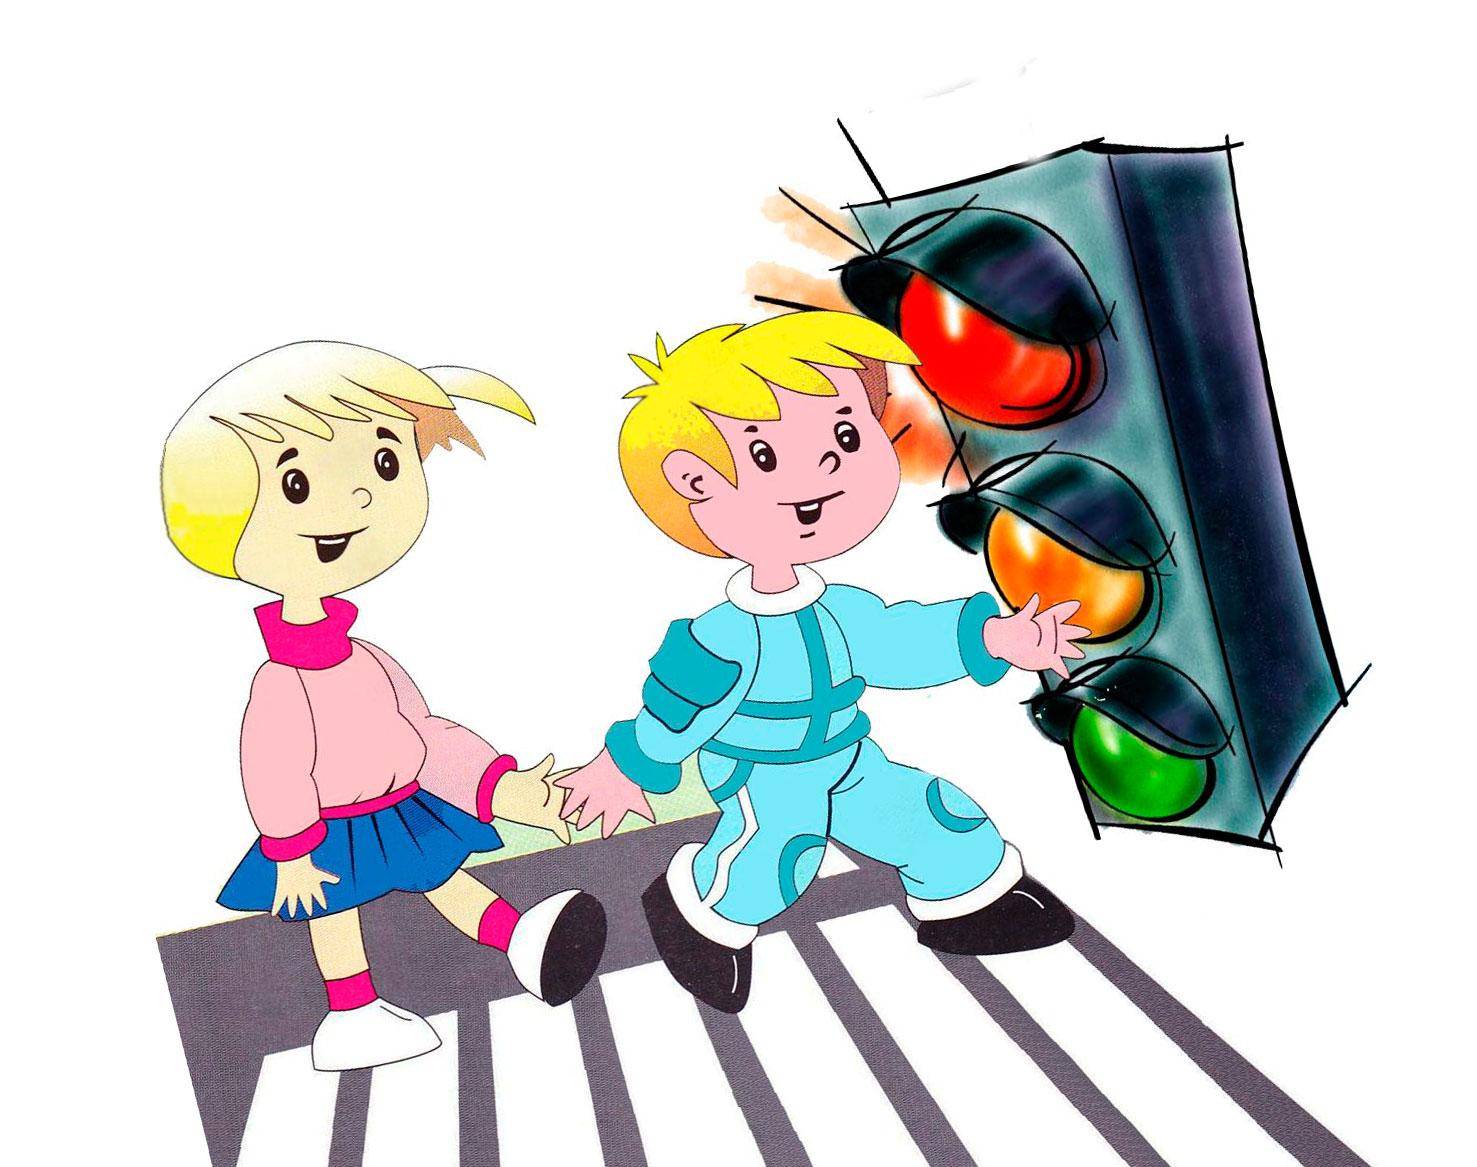 появились фото картинки по дорожному движению в школе любит свет, поэтому